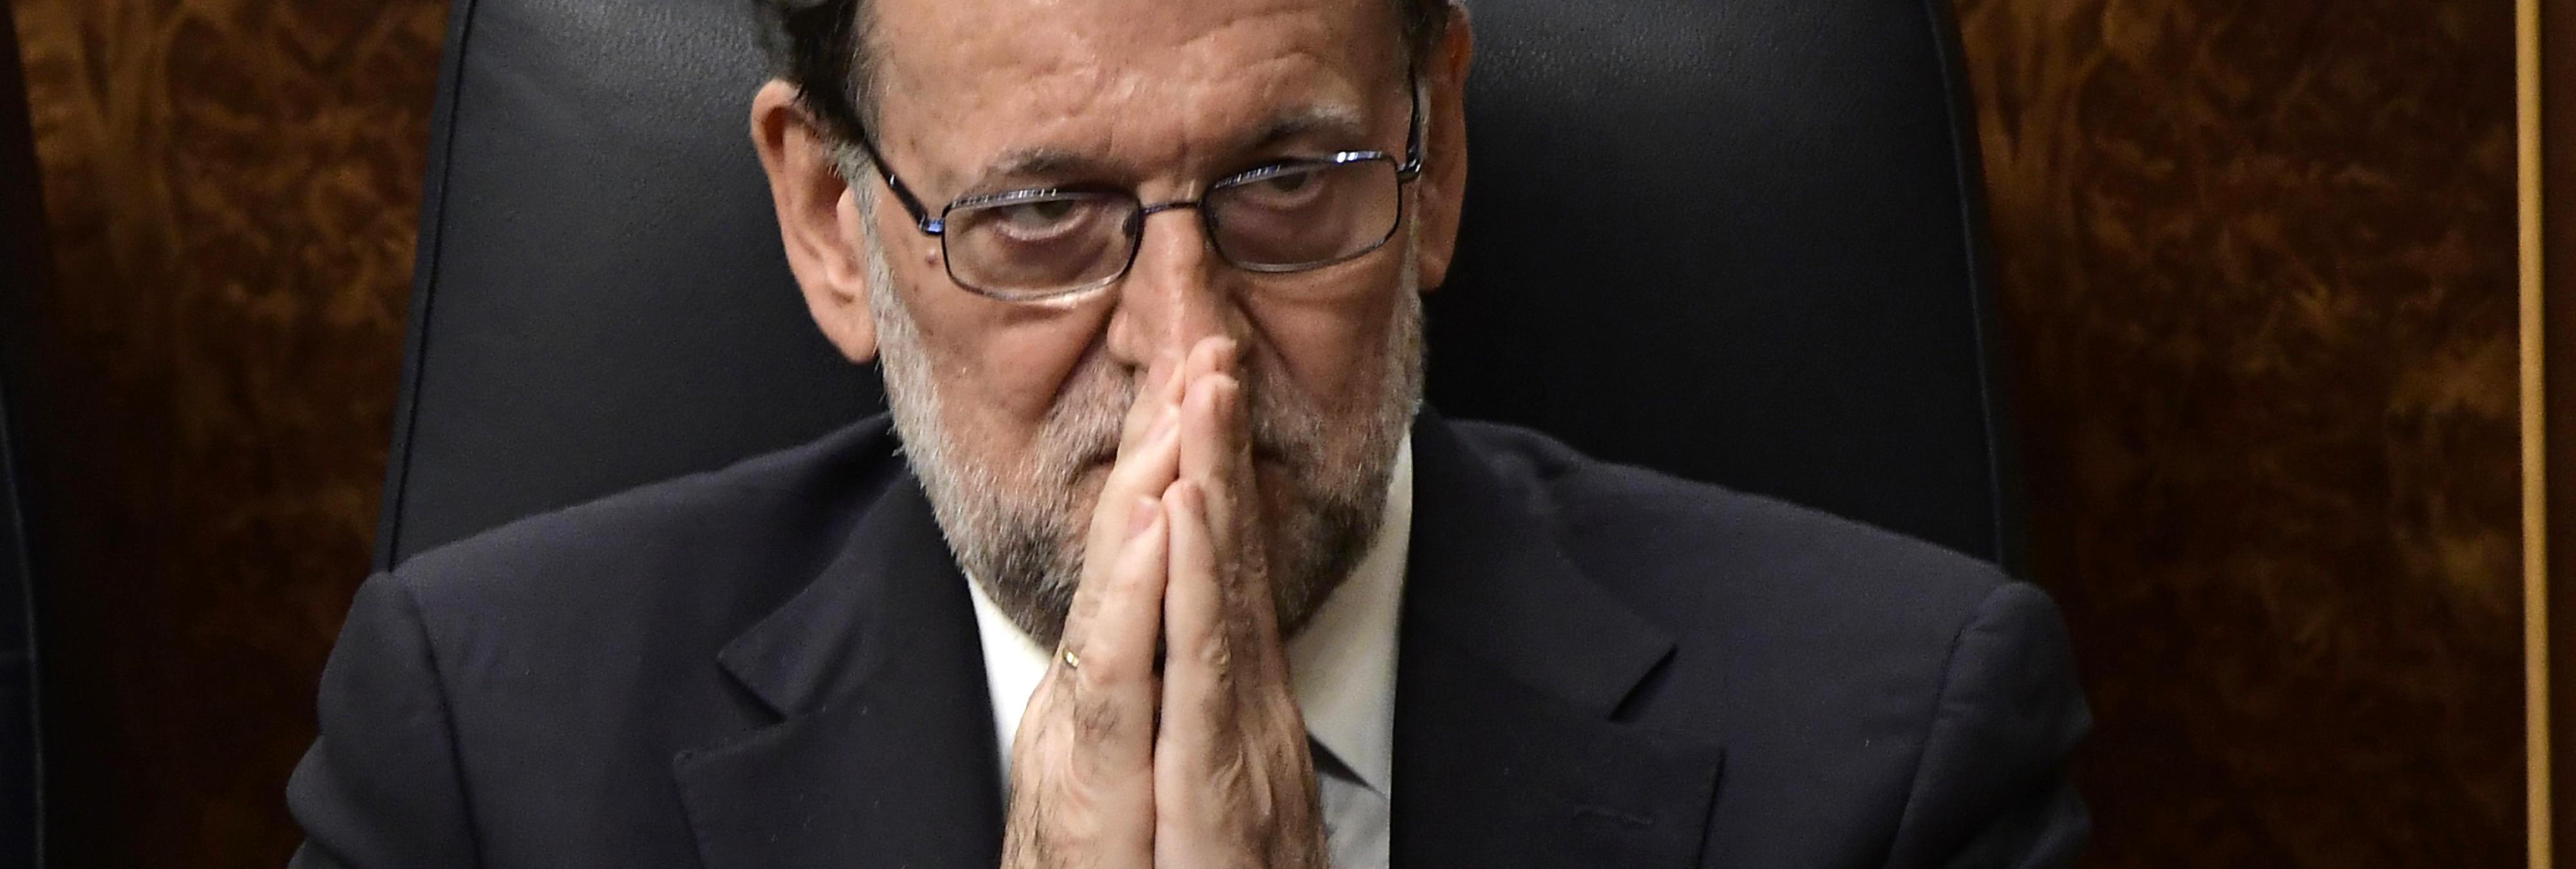 Mariano Rajoy, el Presidente aburrido en la cama al que daban collejas, según las españolas